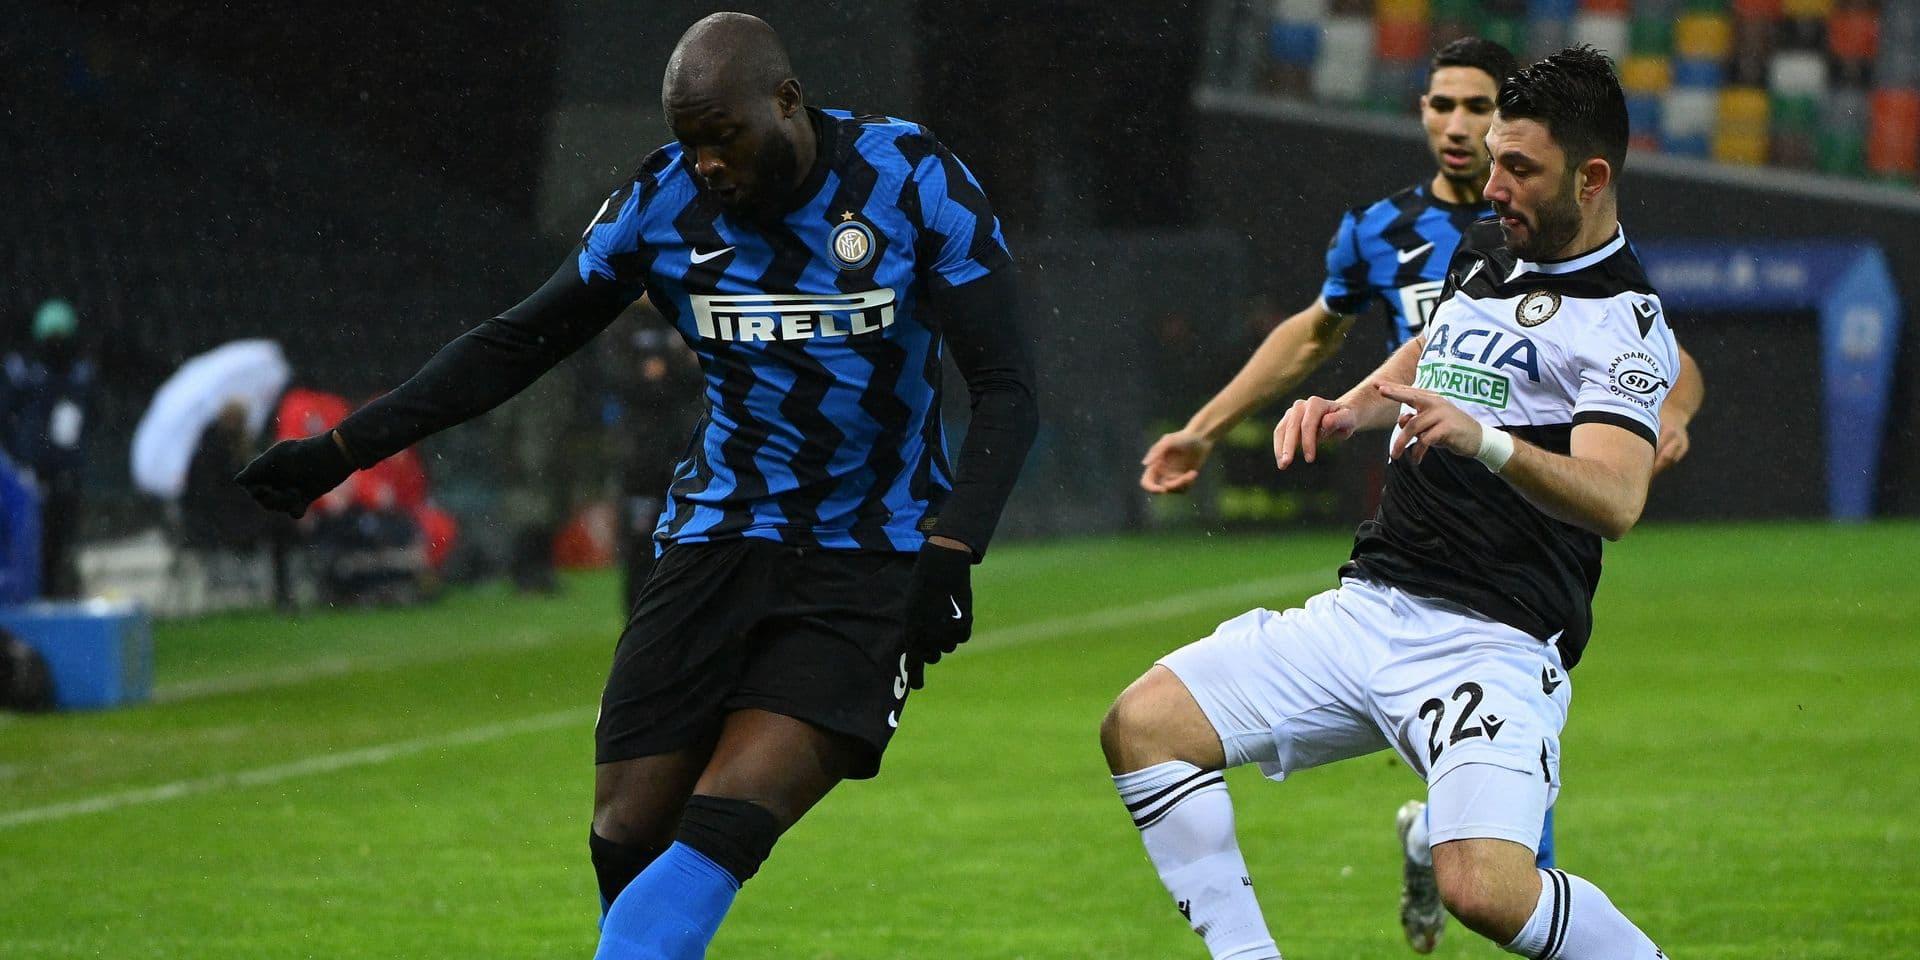 Le nouveau logo de l'Inter Milan a fuité